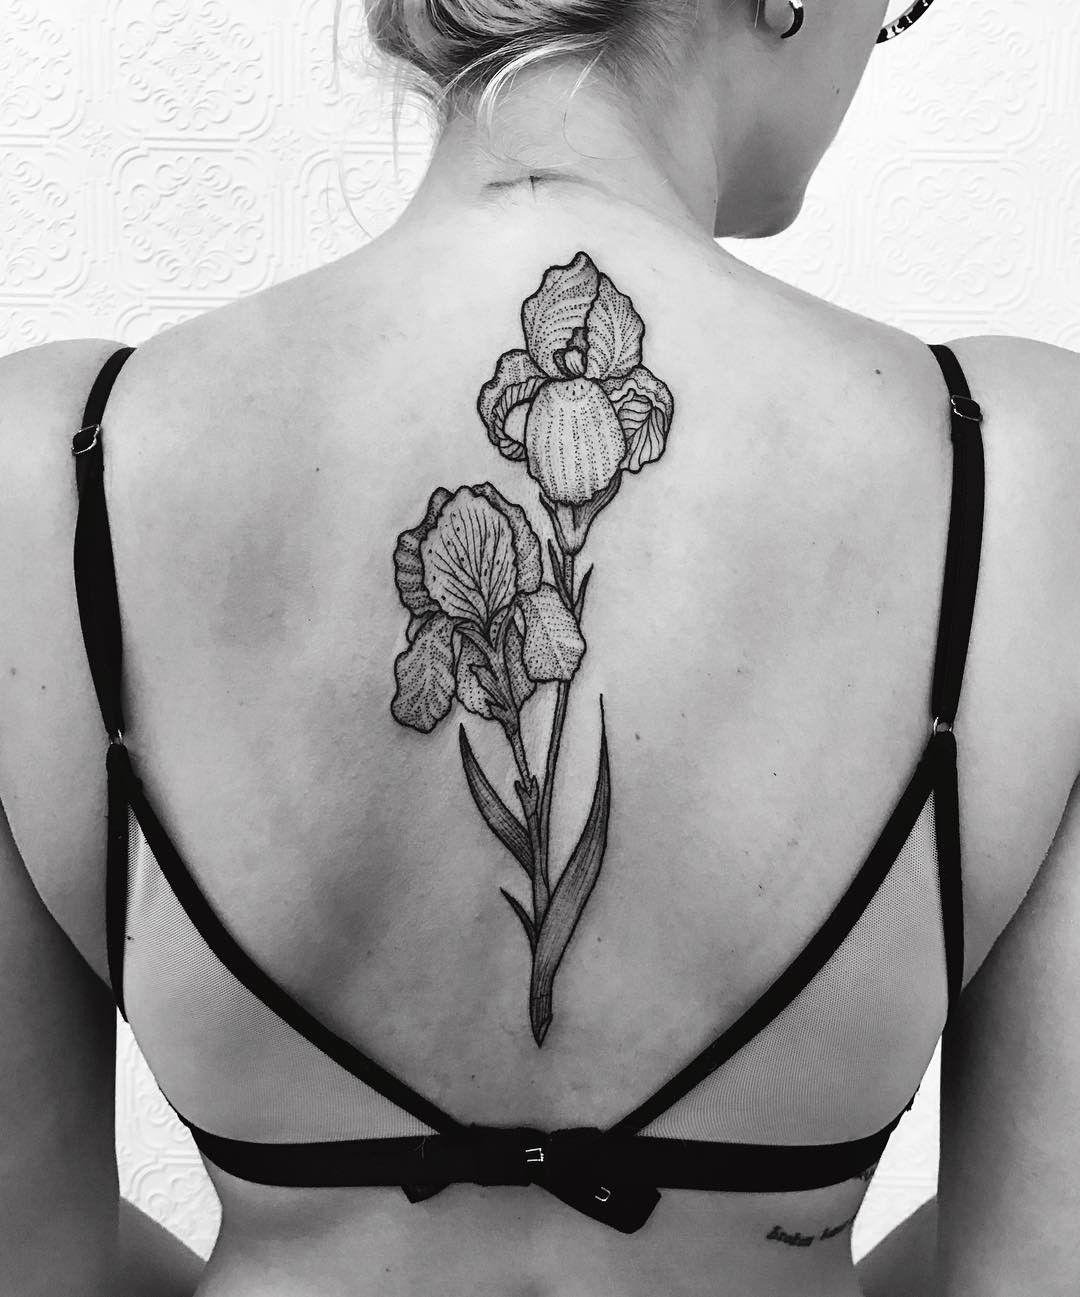 Anka lavriv black iris tattoo brooklyn ny tattoos pinterest anka lavriv black iris tattoo brooklyn ny izmirmasajfo Images